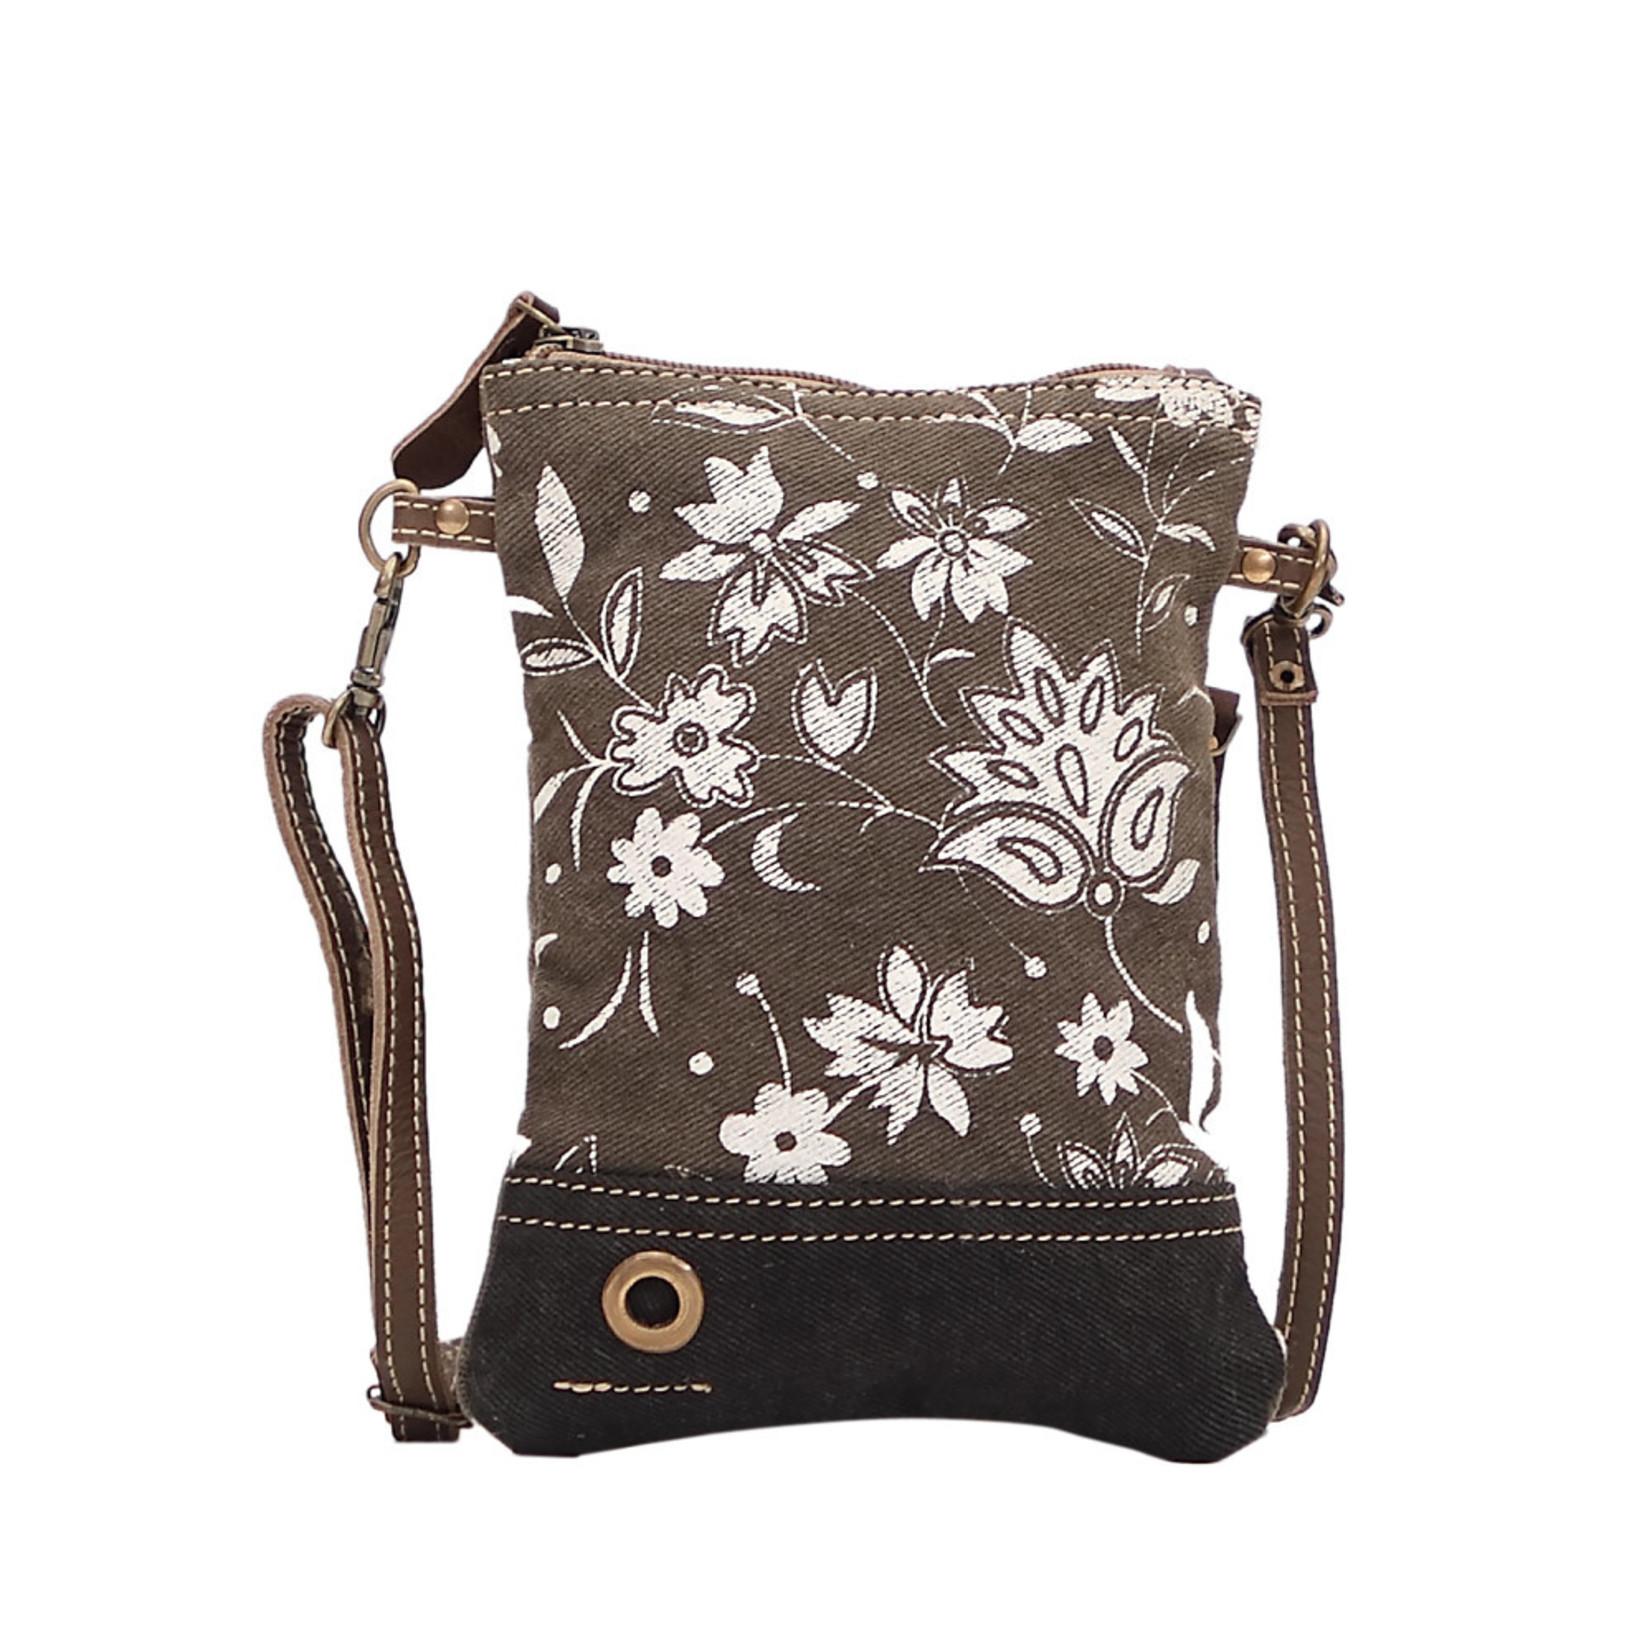 Myra Bags S-1509 Dusky Bleach Small Crossbody Bag